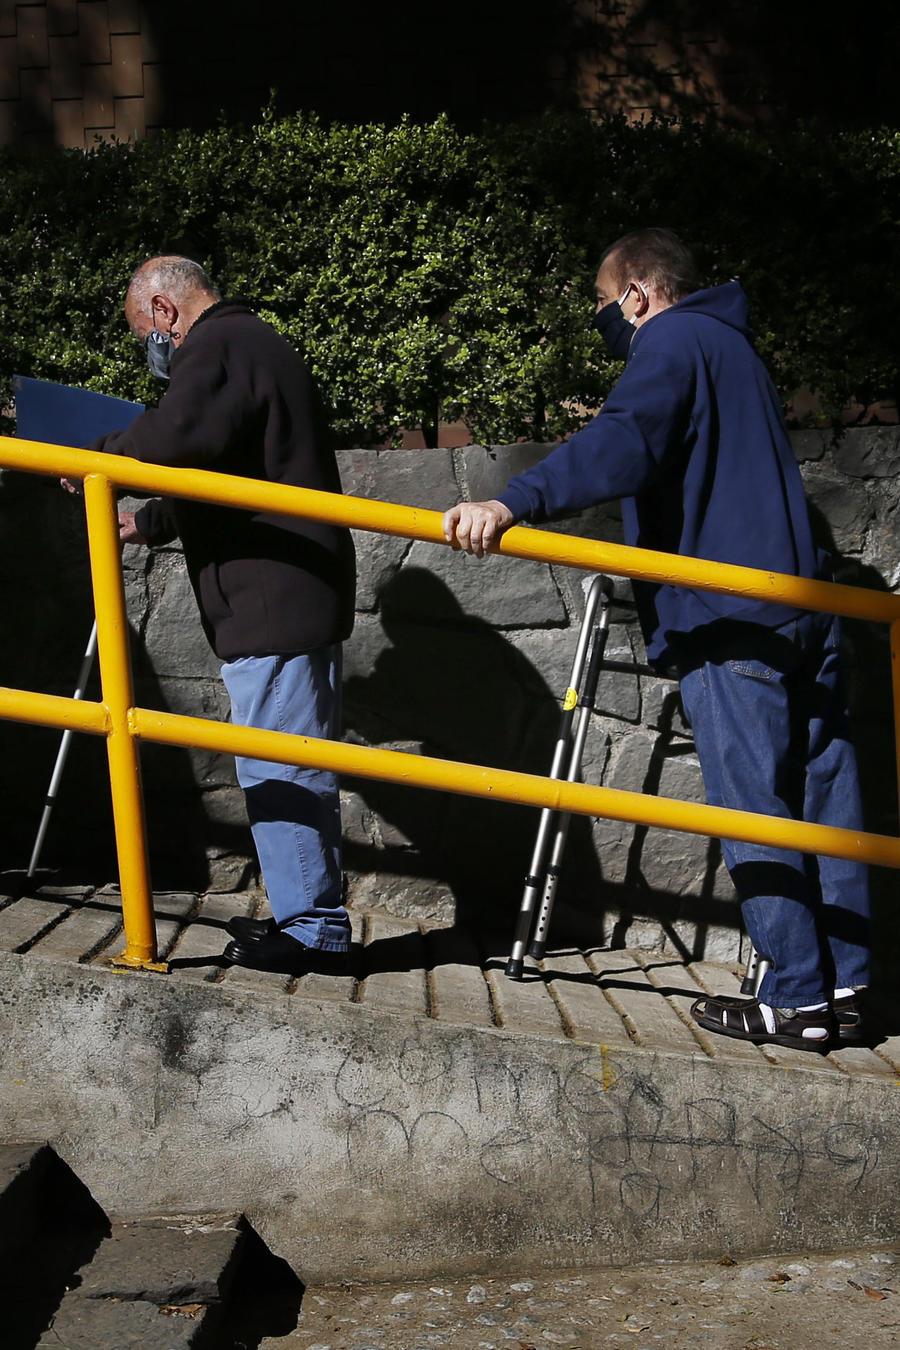 Personas de edad avanzada, que incluso portaban bastones, sillas de ruedas o tanques de oxígeno, terminaron haciendo fila durante horas para poder ser vacunados en el primer día de inmunización de adultos mayores en México.